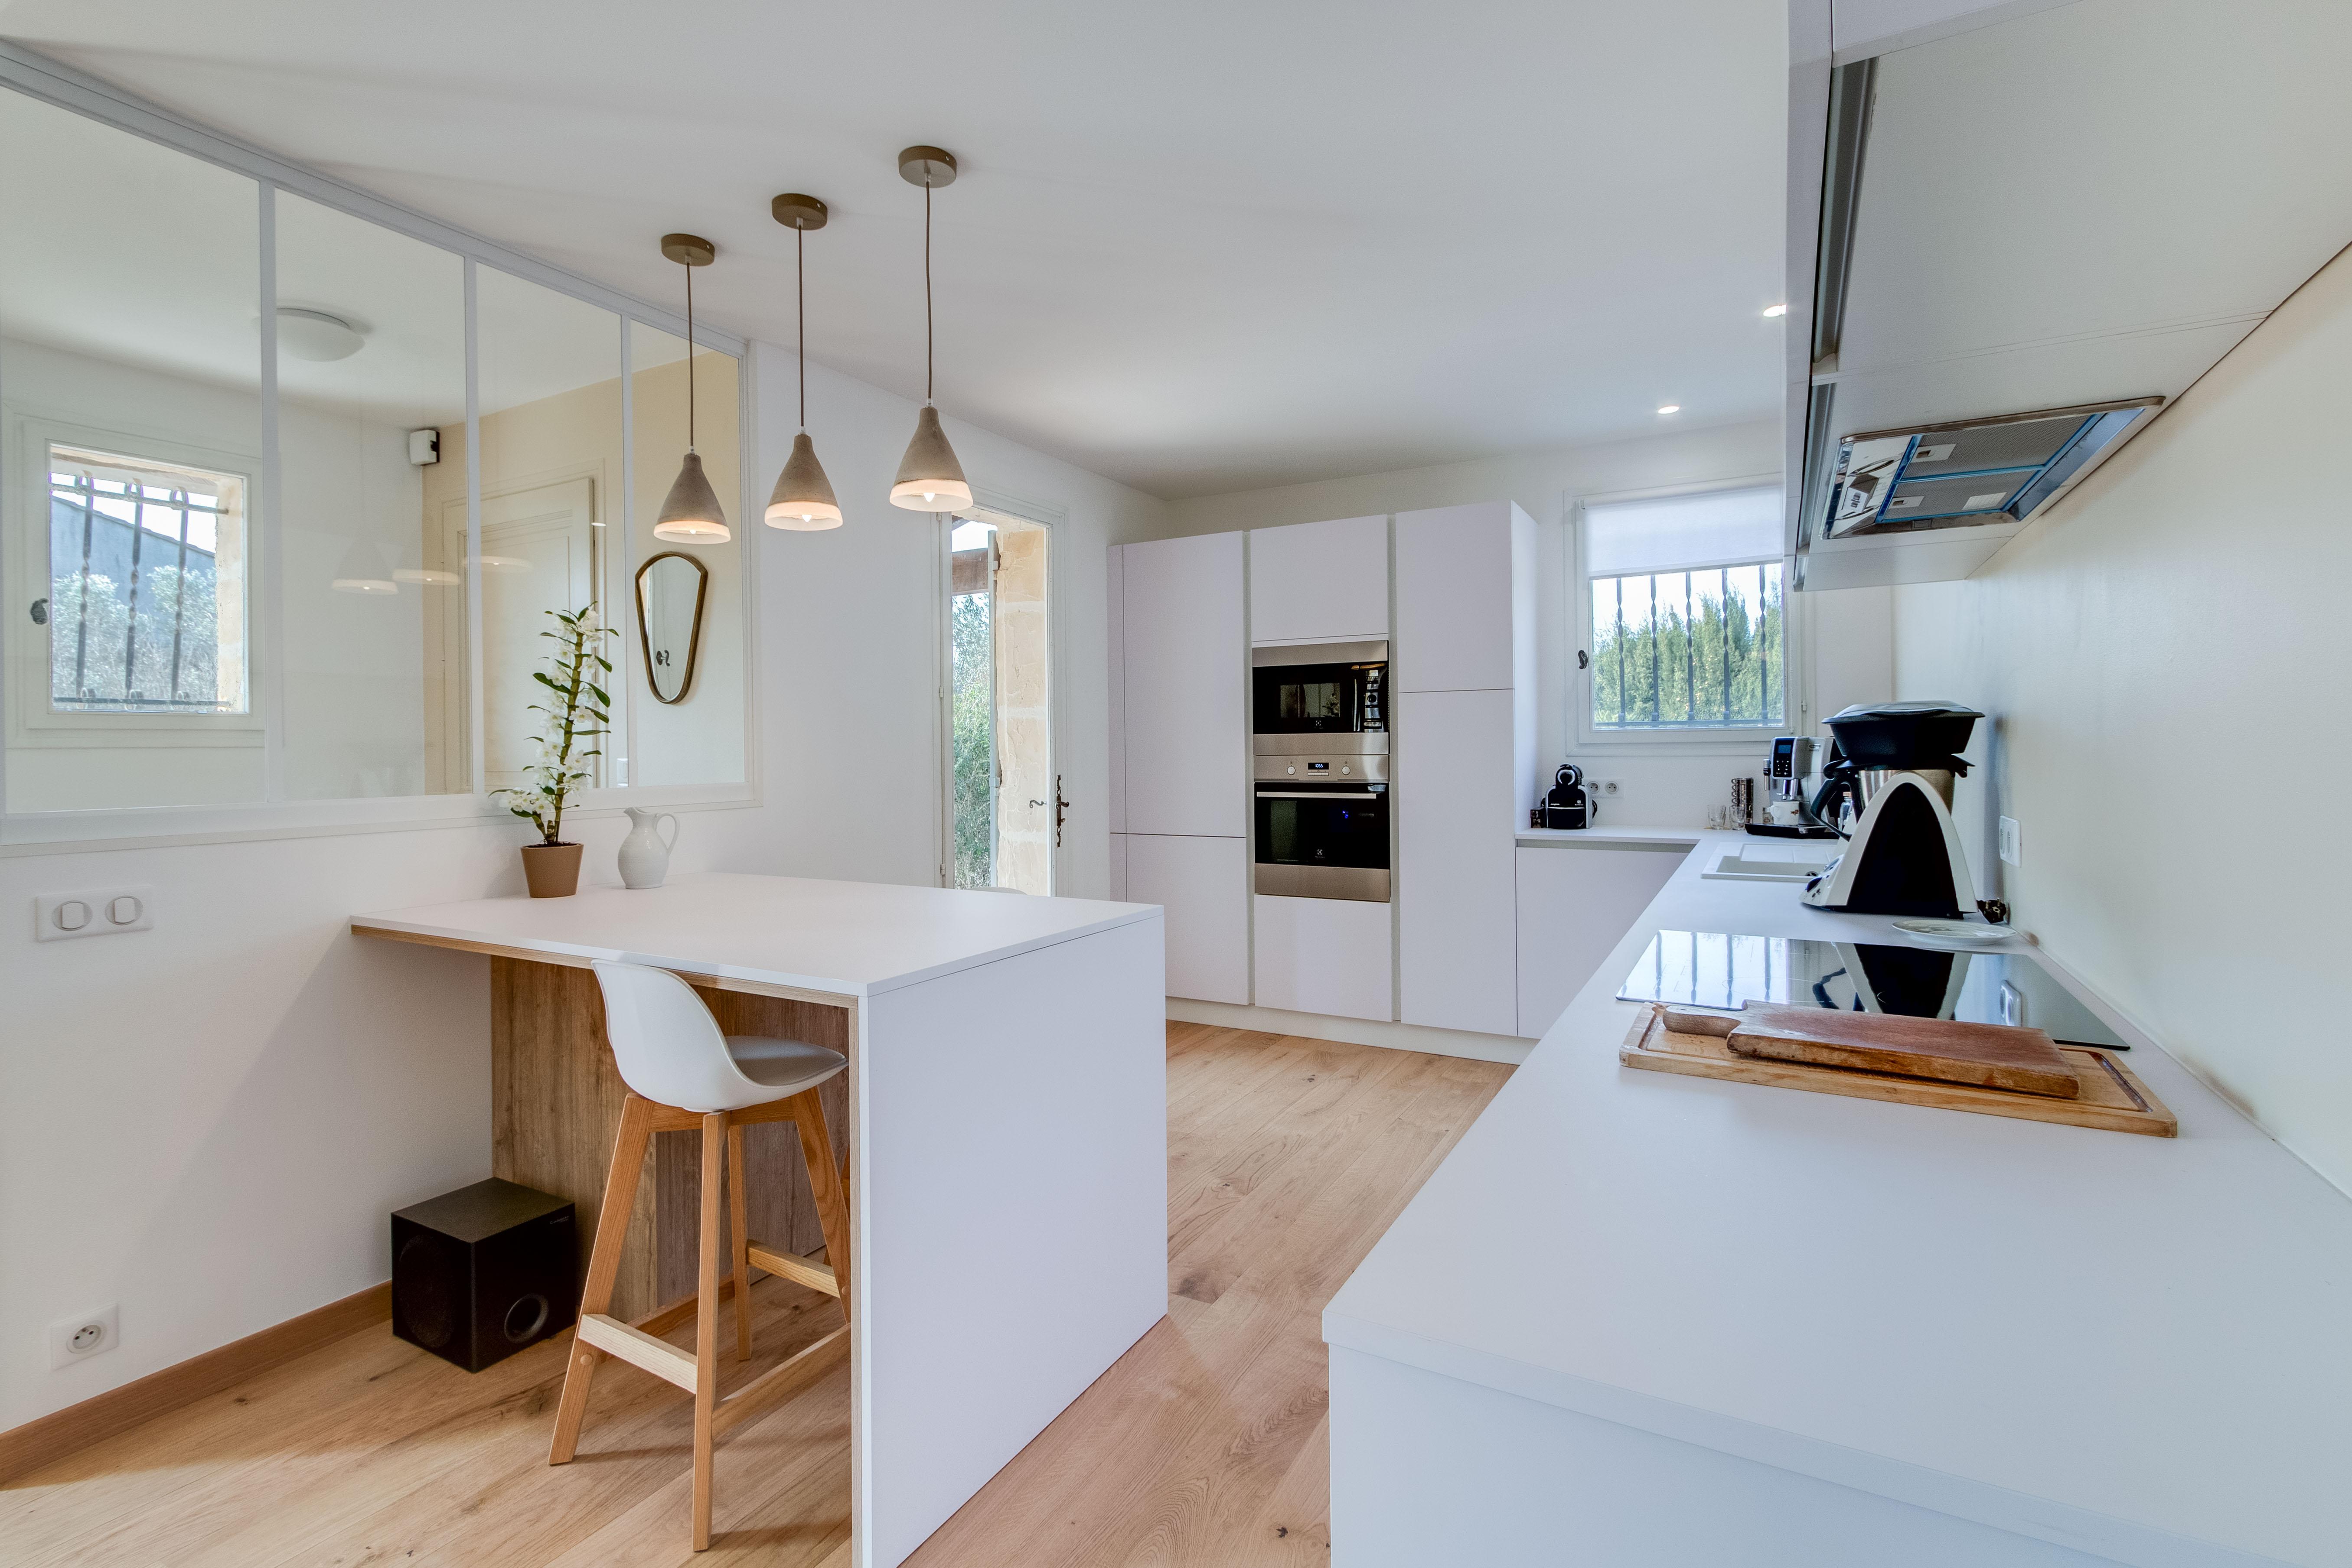 r novation agencement am nagement d coration espaces entr e cuisine s jour salon arti 39 s design. Black Bedroom Furniture Sets. Home Design Ideas